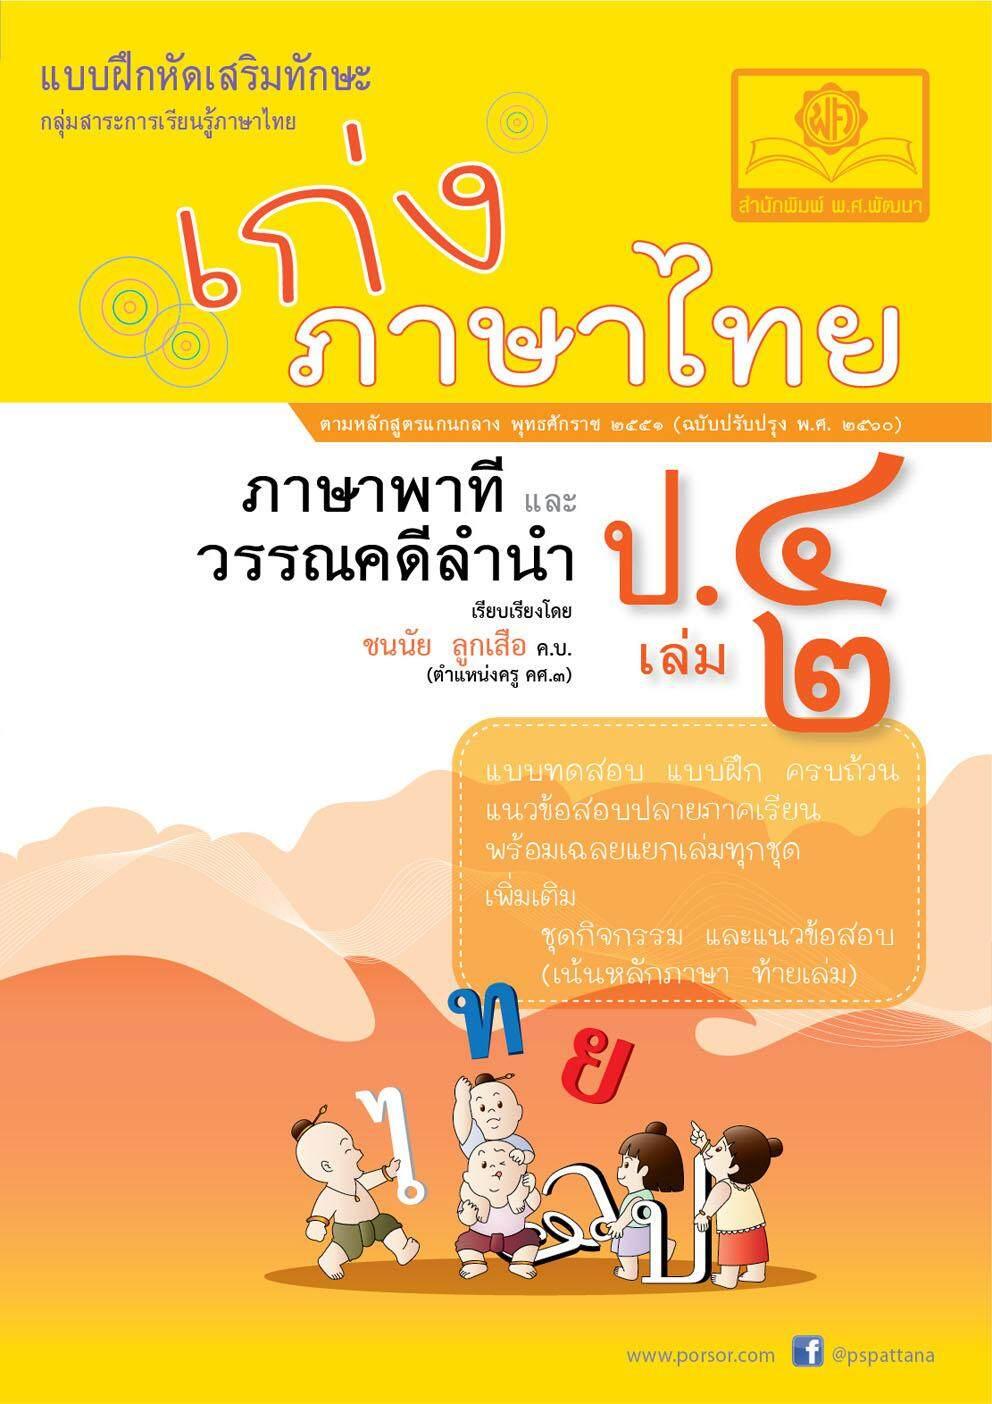 เก็บเงินปลายทางได้ เก่ง ภาษาไทย ป.4 เล่ม 2 ภาษาพาที วรรณคดีลำนำ